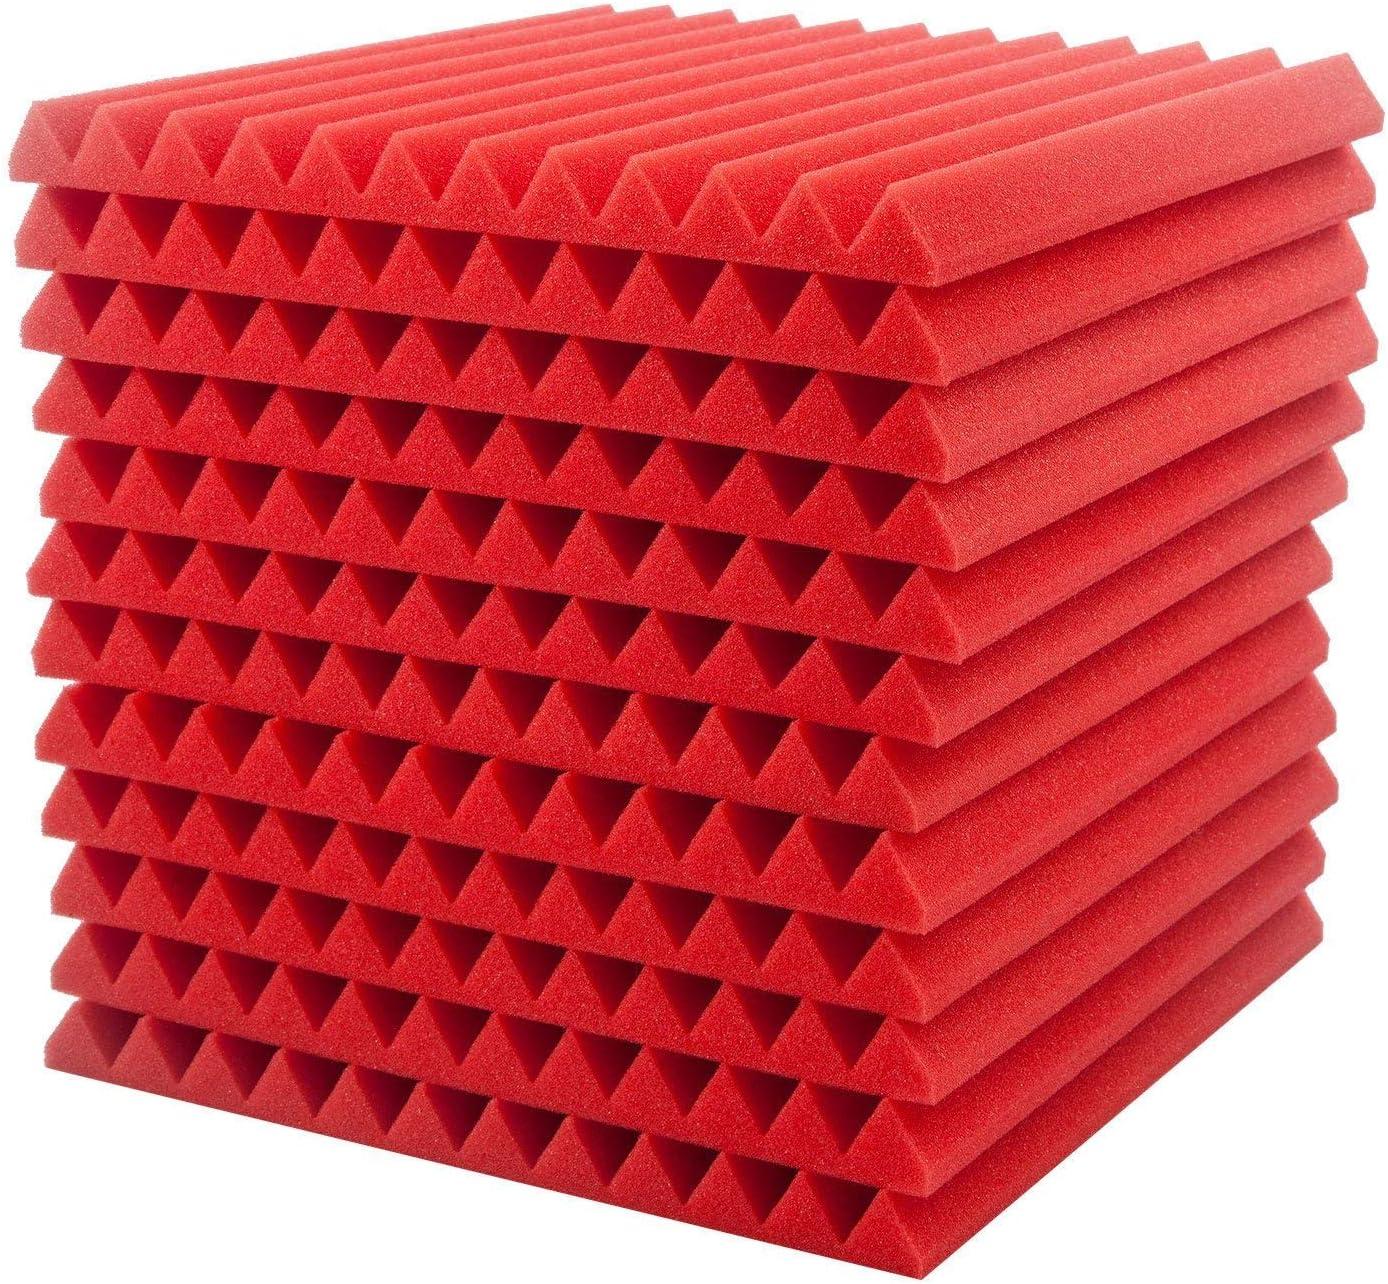 FEIDAjdzf espuma ac/ústica 12 unidades de espuma ac/ústica insonorizante 30 x 30 cm cu/ñas de estudio ac/ústico herramientas de insonorizaci/ón